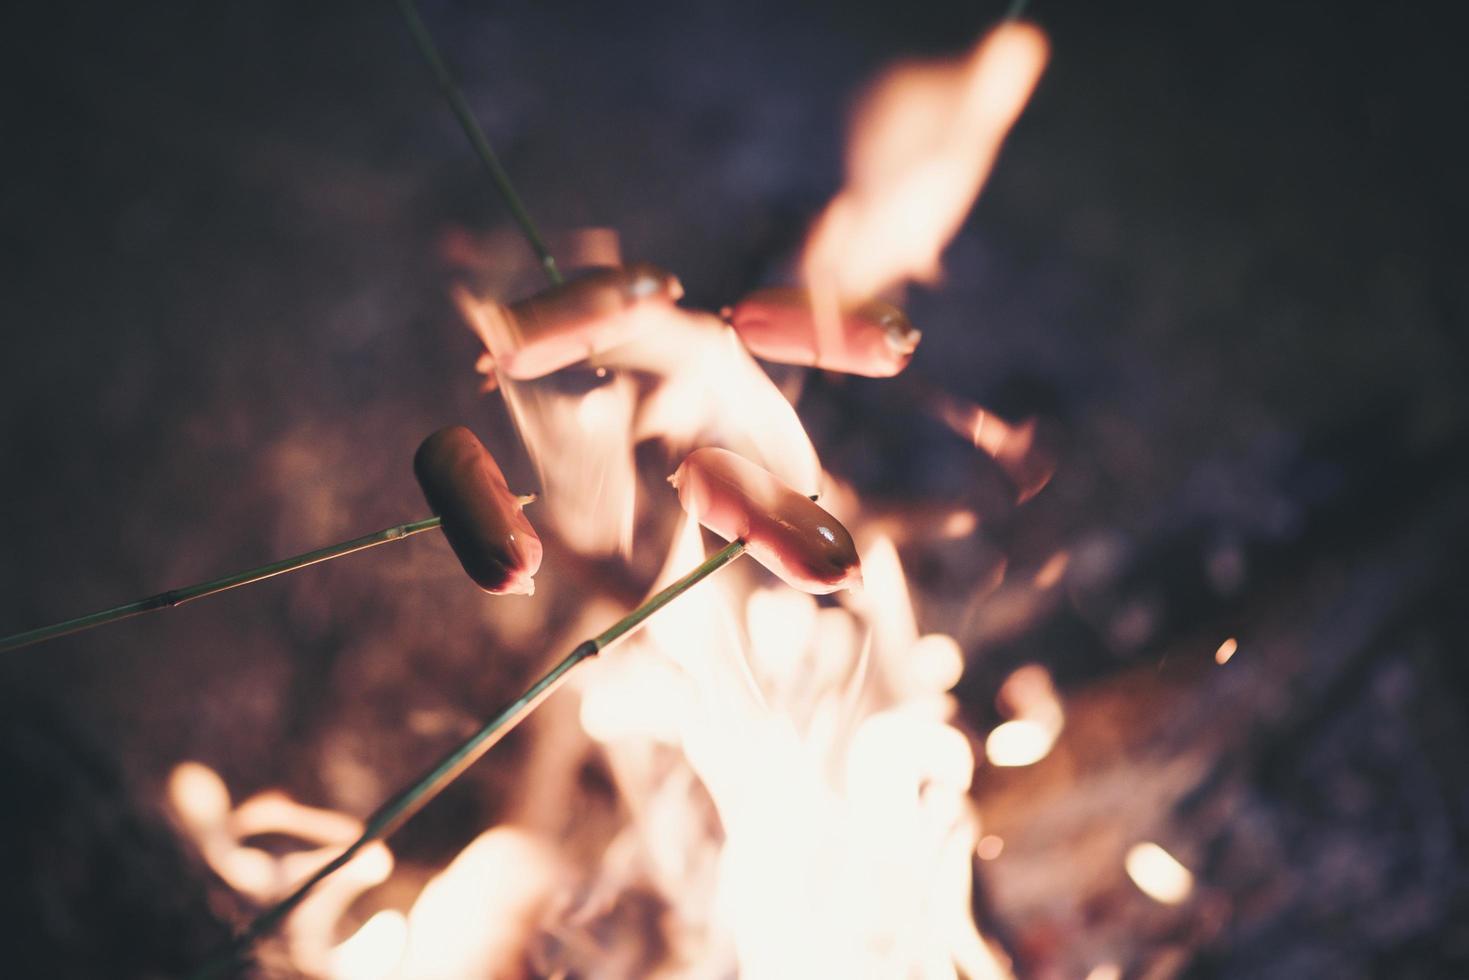 cachorro-quente na fogueira foto